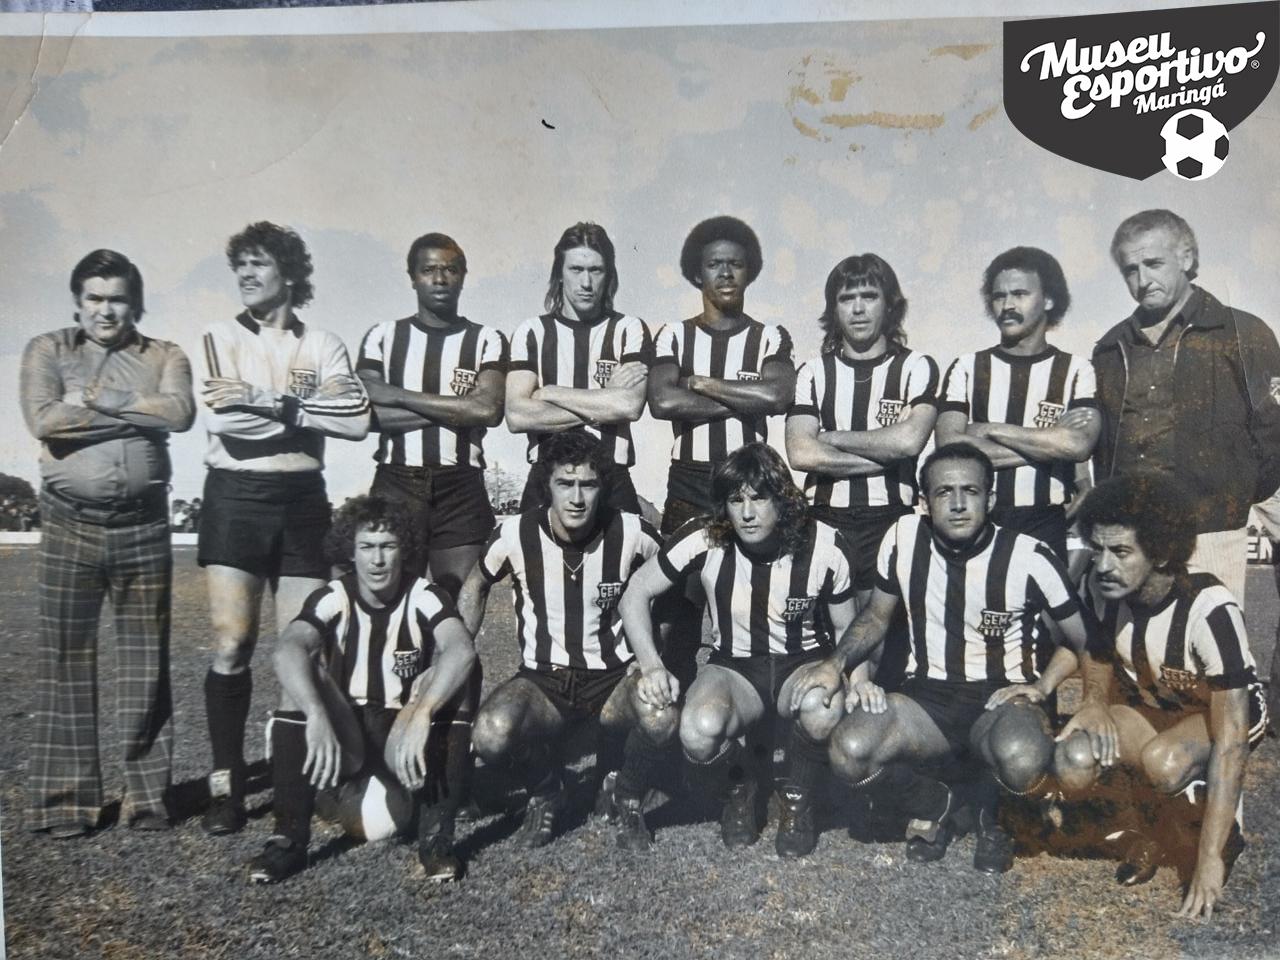 O primeiro Campeonato Paranaense disputado pelo Grêmio de Esportes Maringá foi em 1975.